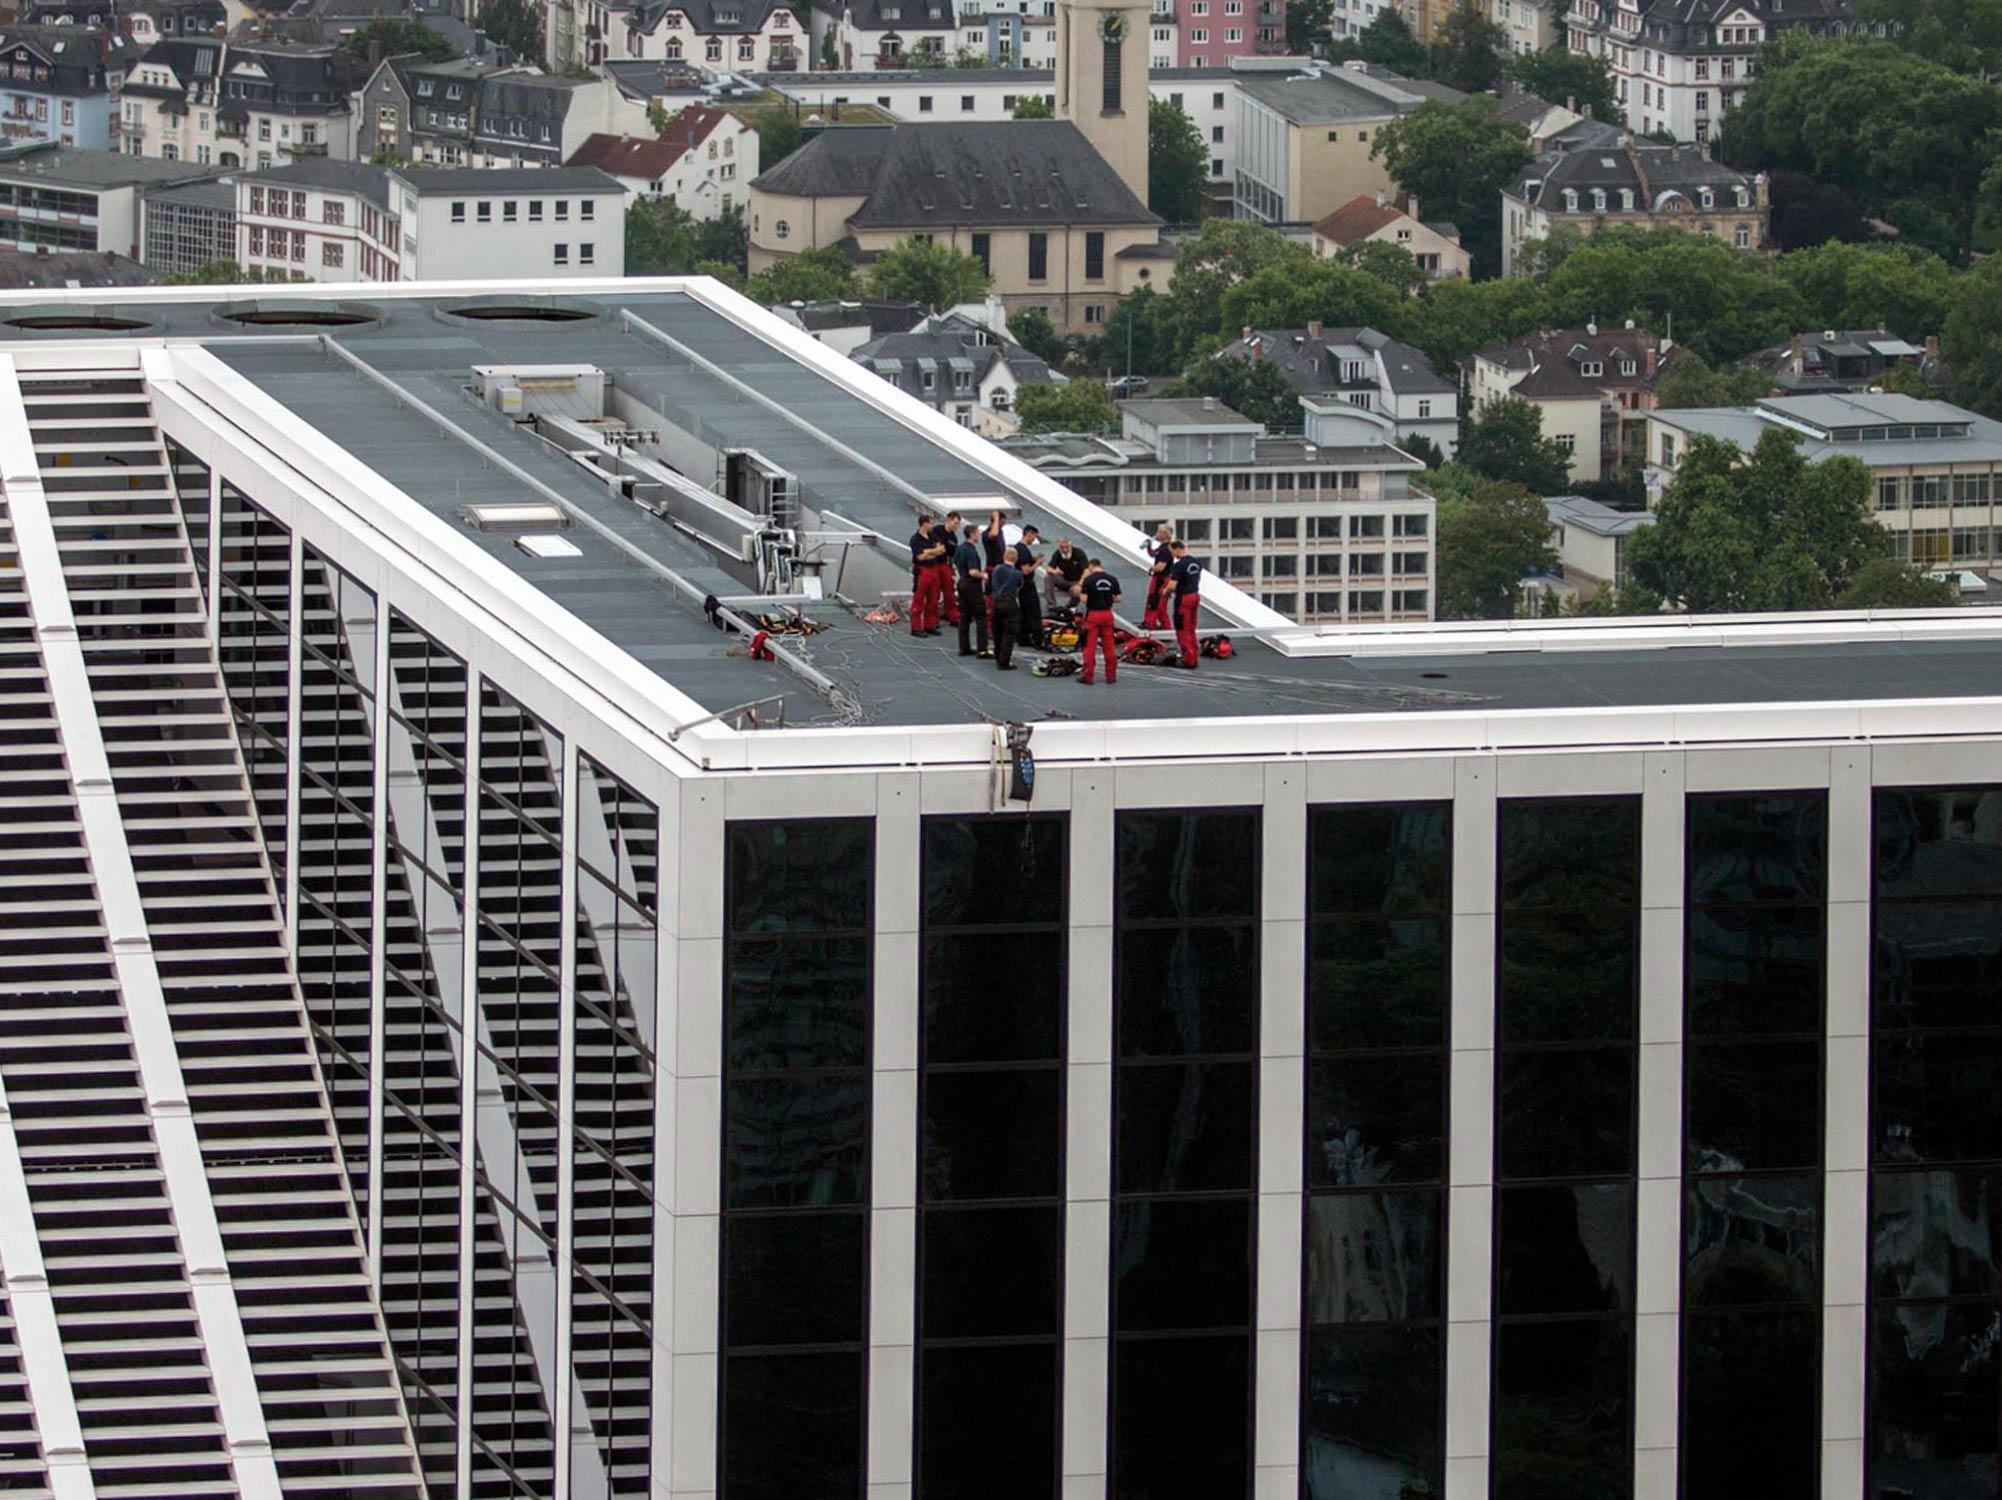 Feuerwehr Frankfurt - Höhenrettung - Höhenrettungsgruppe Frankfurter Berufsfeuerwehr - Hier im Training am TaunusTurm